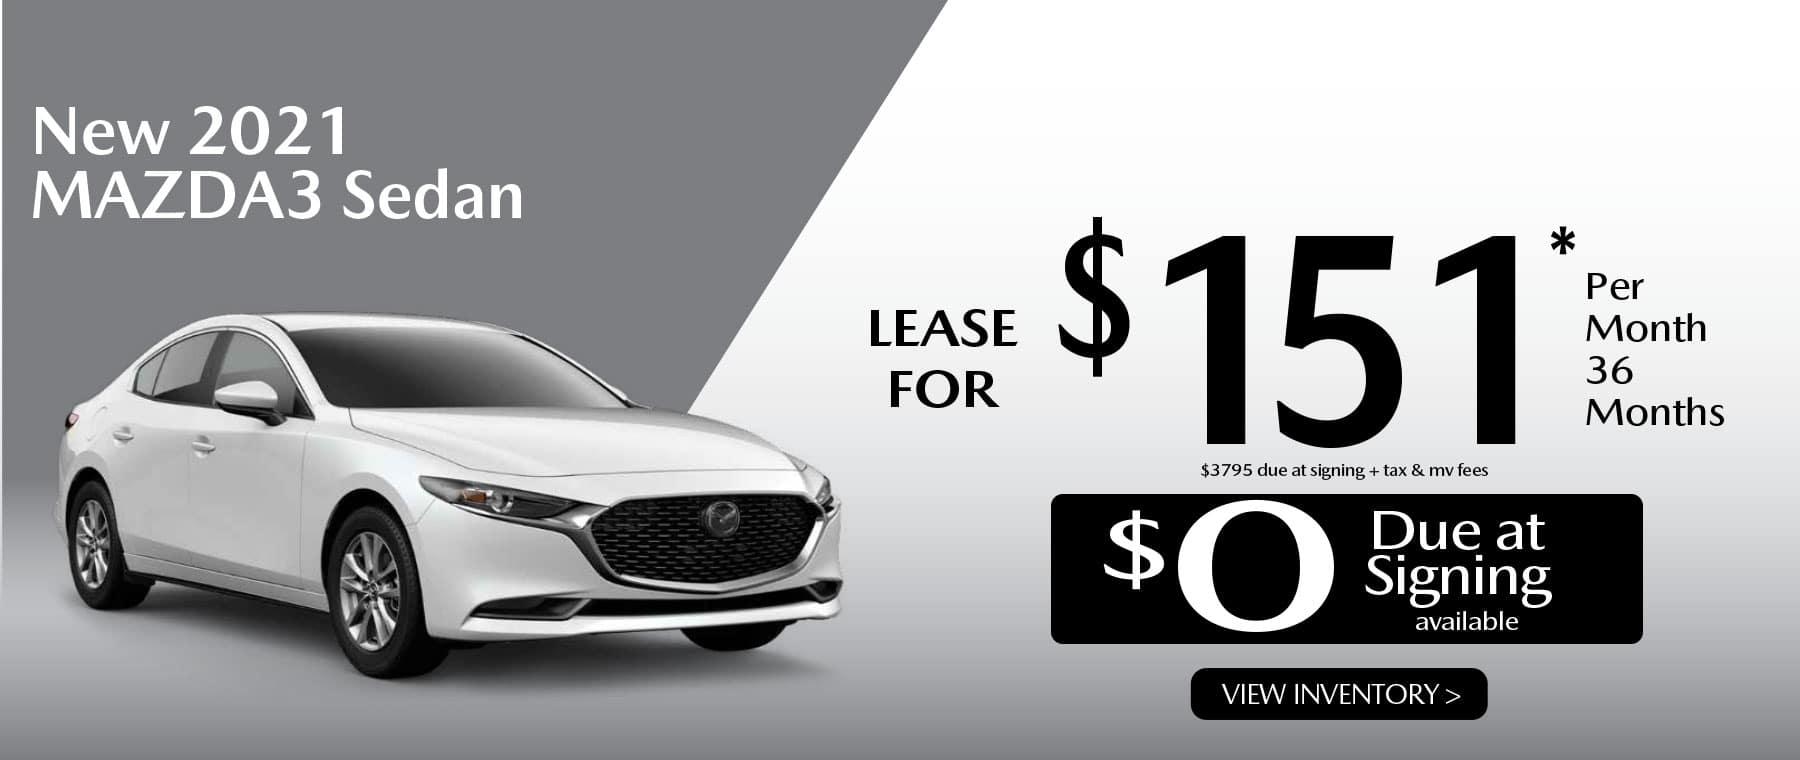 03 MAZDA3 hi New Lease Special Offer Garden City Mazda NY